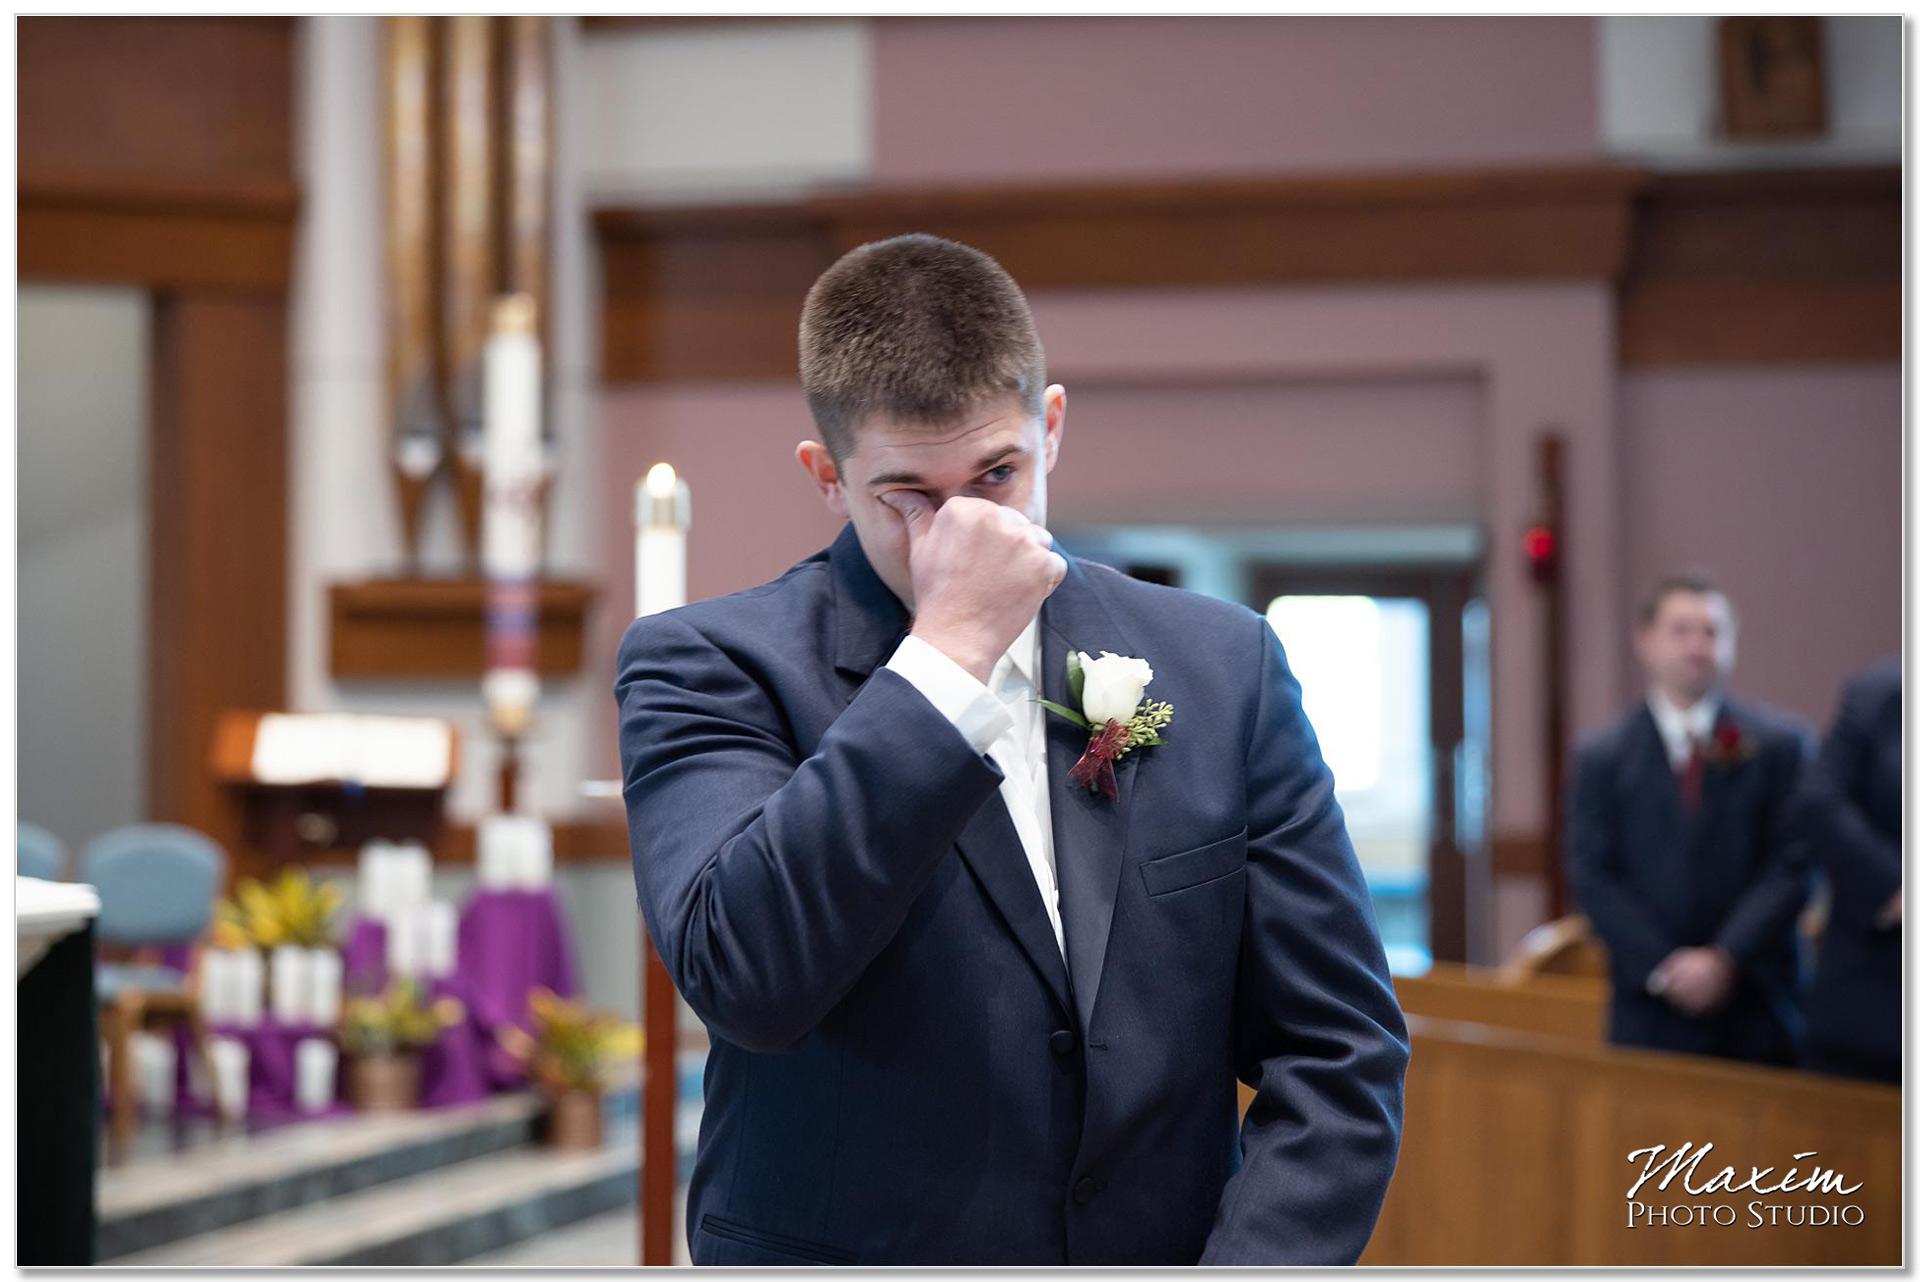 Groom looking at bride walking down aisle